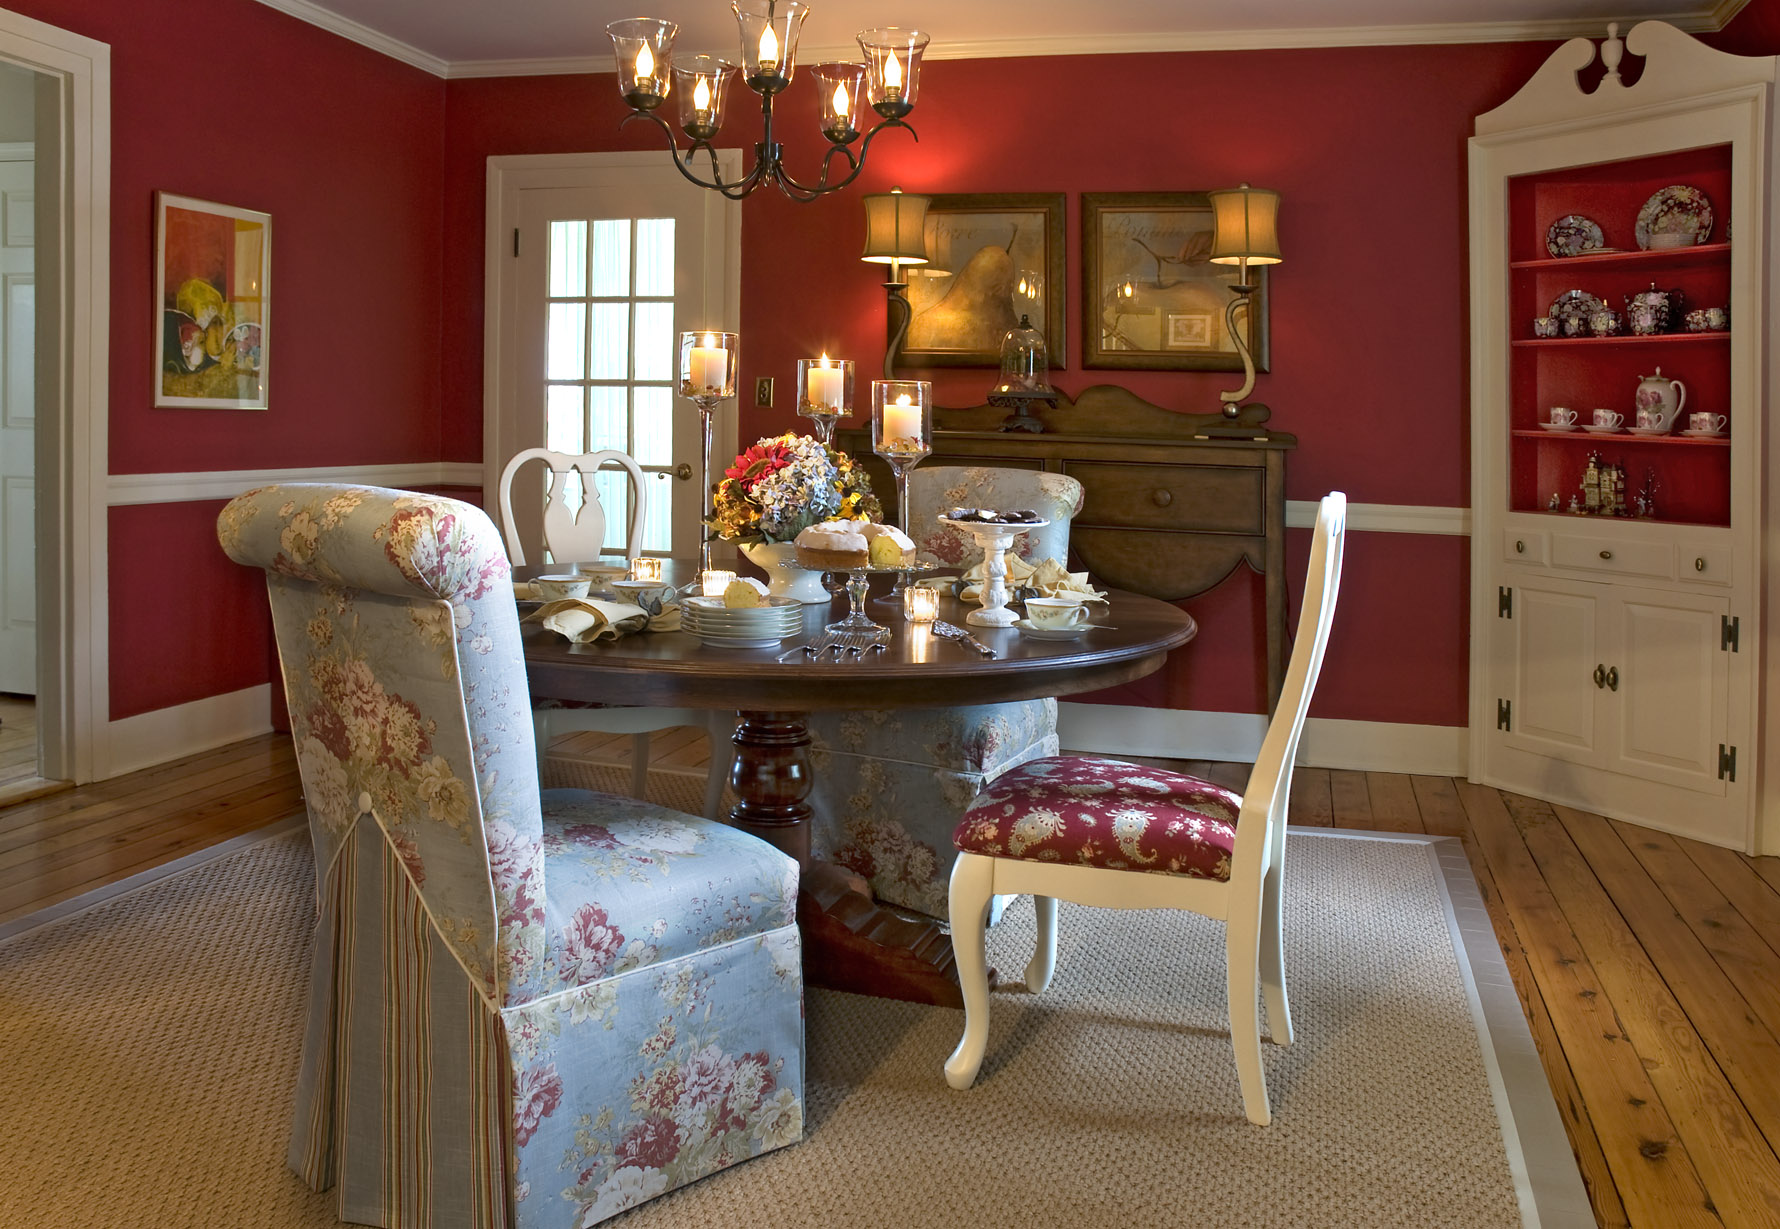 interior decorating | decorating den interiors® blog - interior